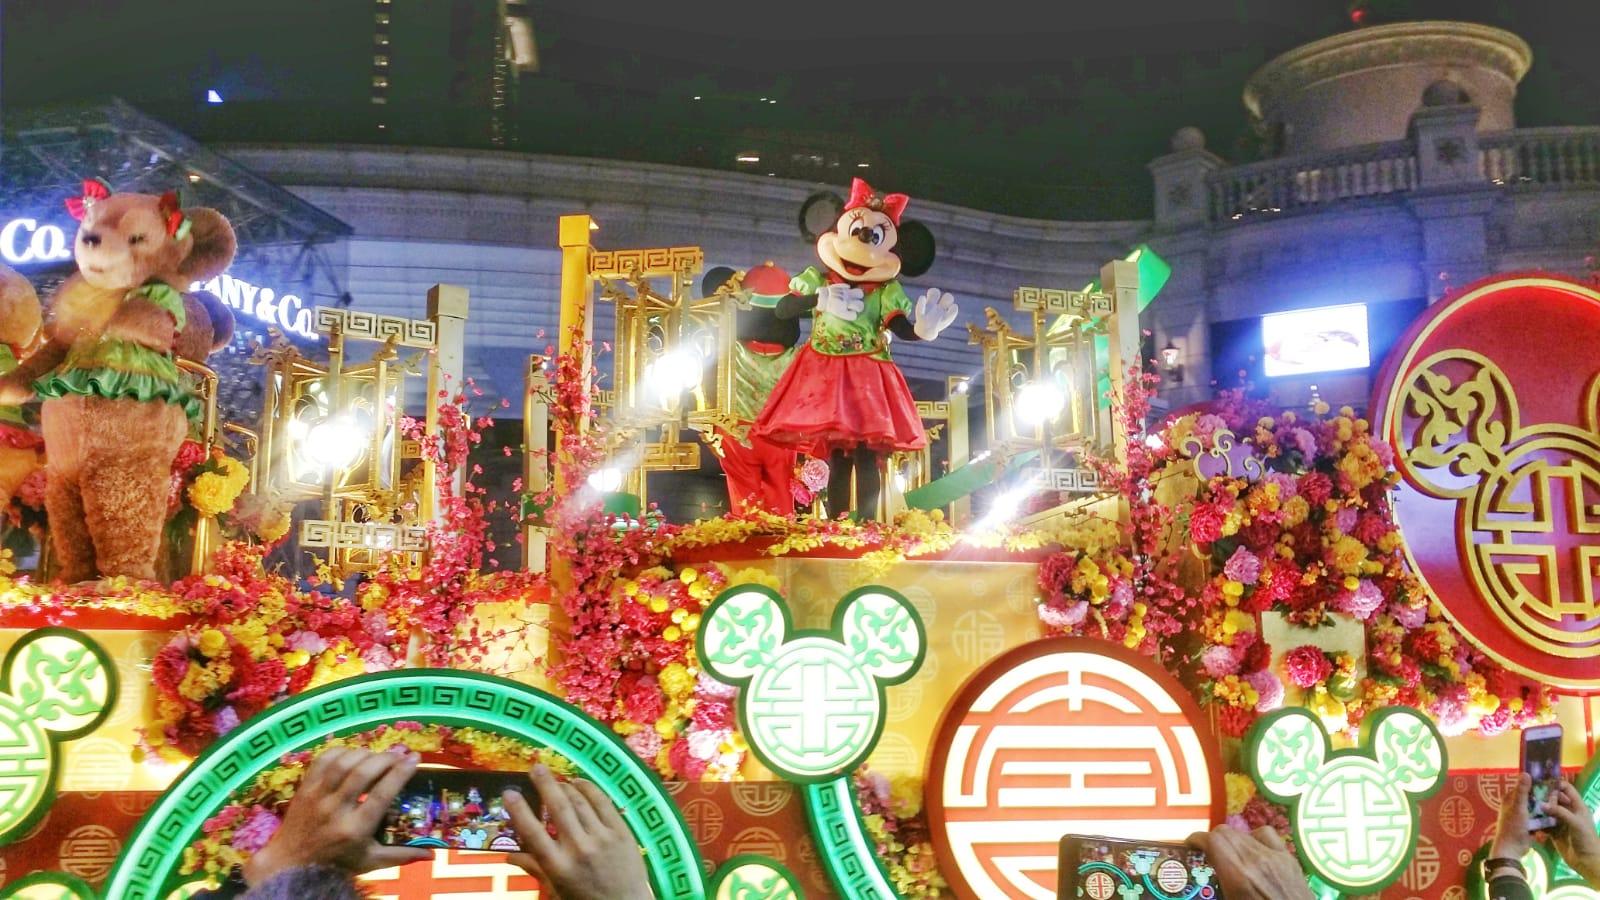 新春花車巡遊晚上8時在尖沙嘴舉行。